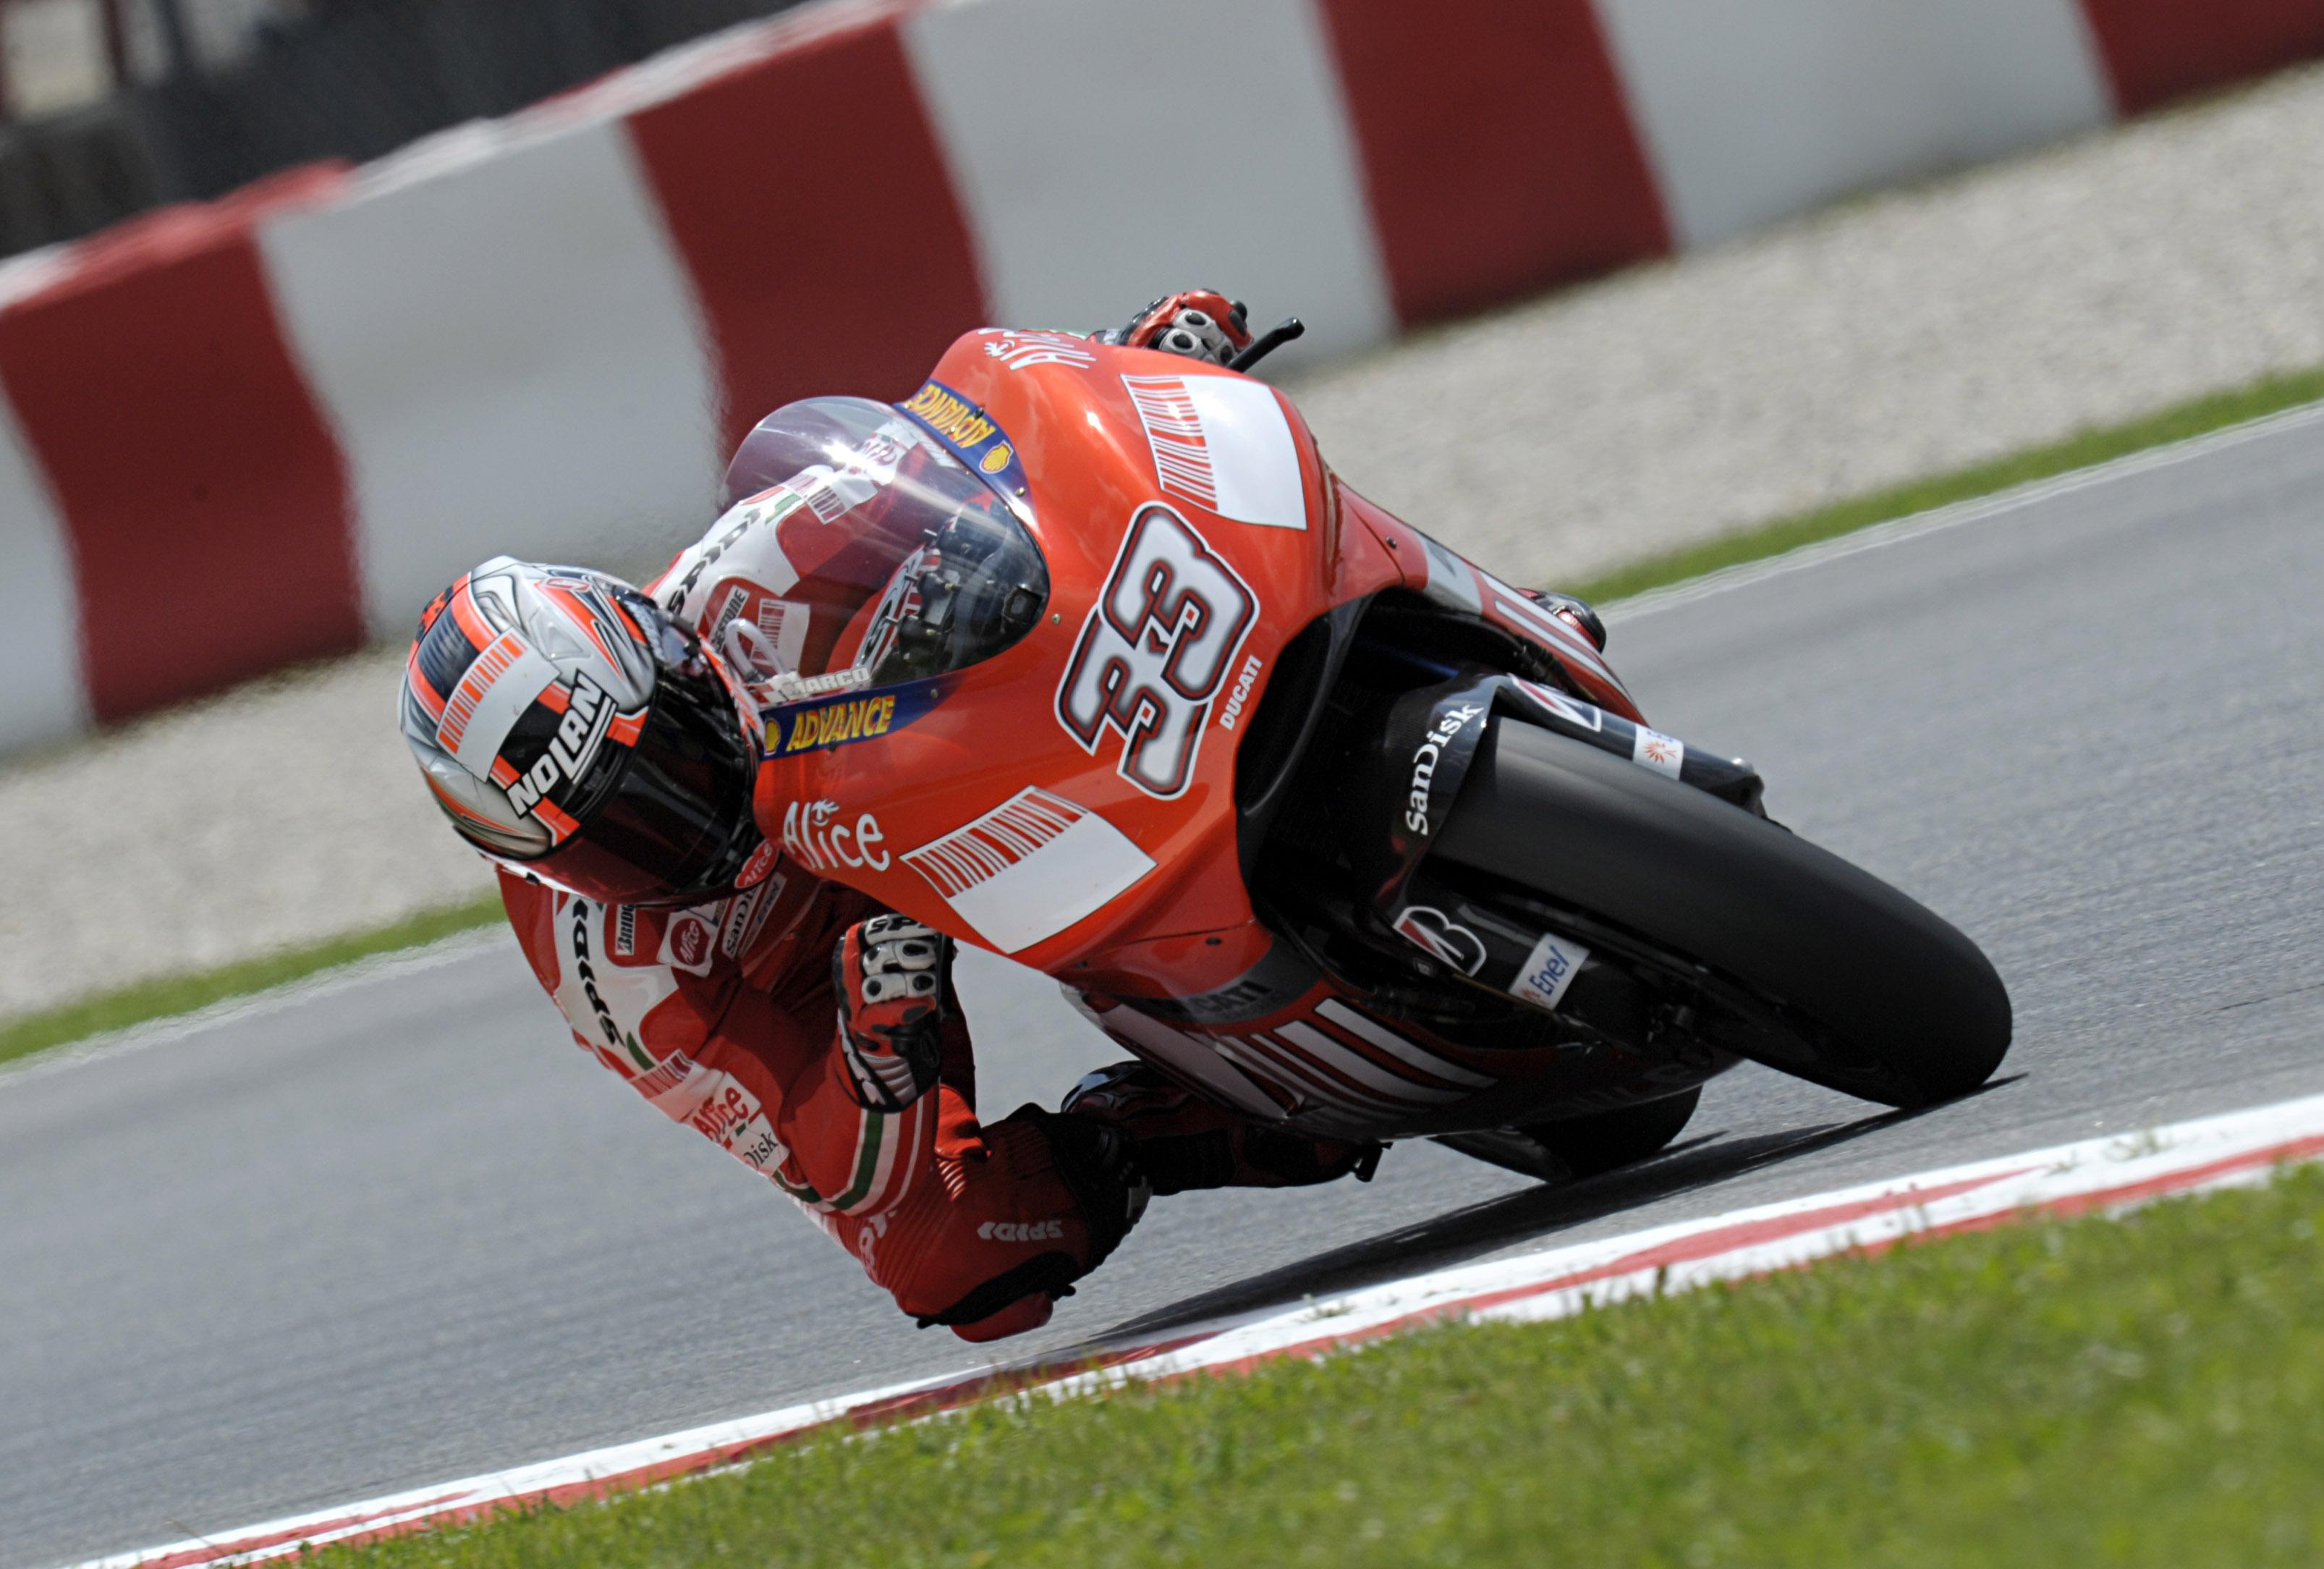 Marco Melandri en su época con Ducati en MotoGp - © Ducati Press